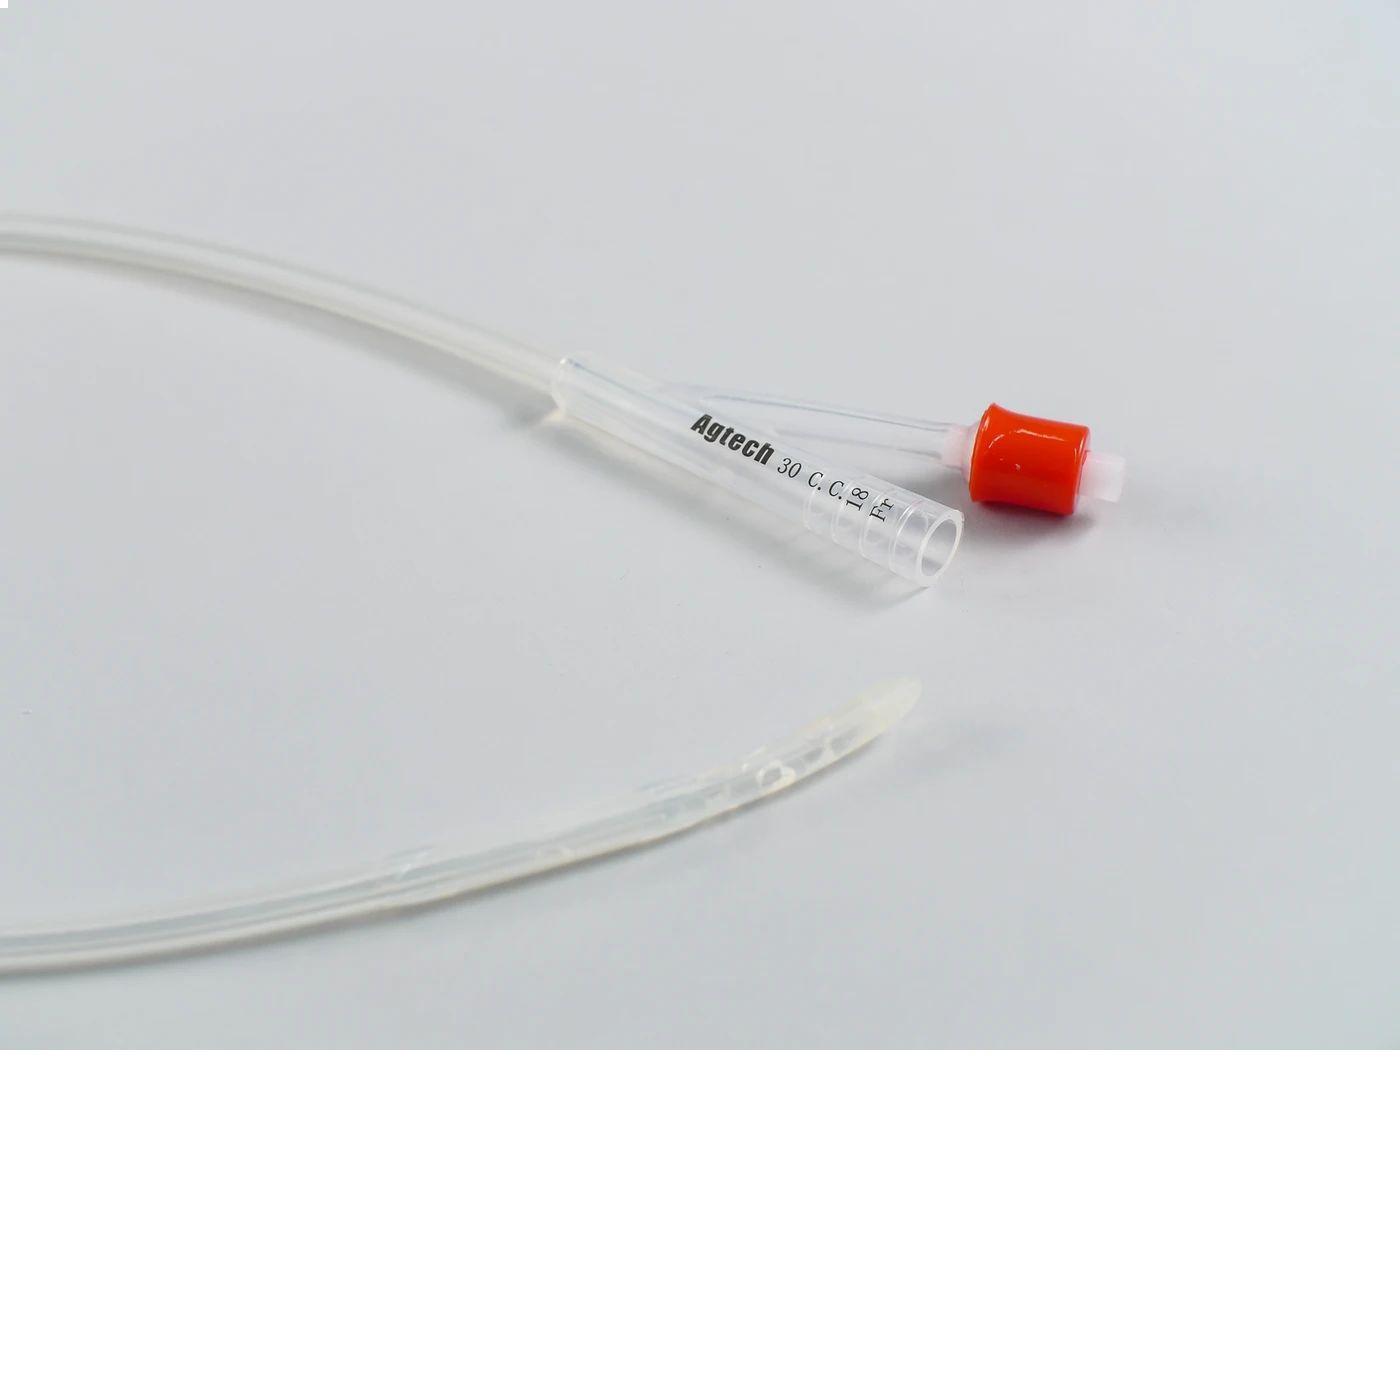 400441 agtech vortech siliconen catheter 18fr met 30cc ballon 23inch rund e103